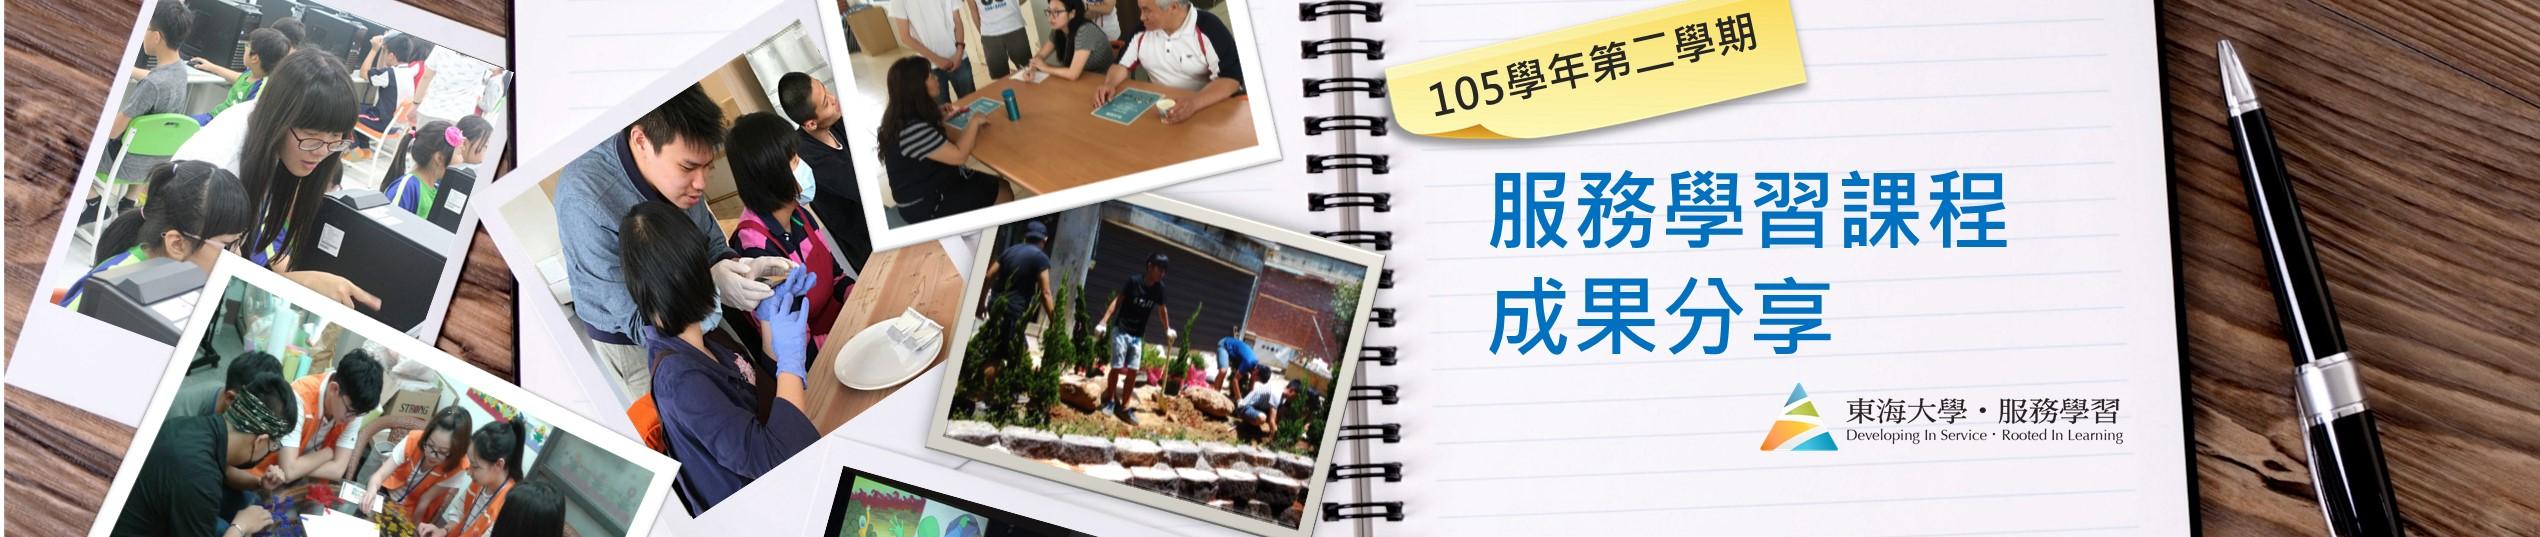 105學年第二學期服務學習課程成果分享